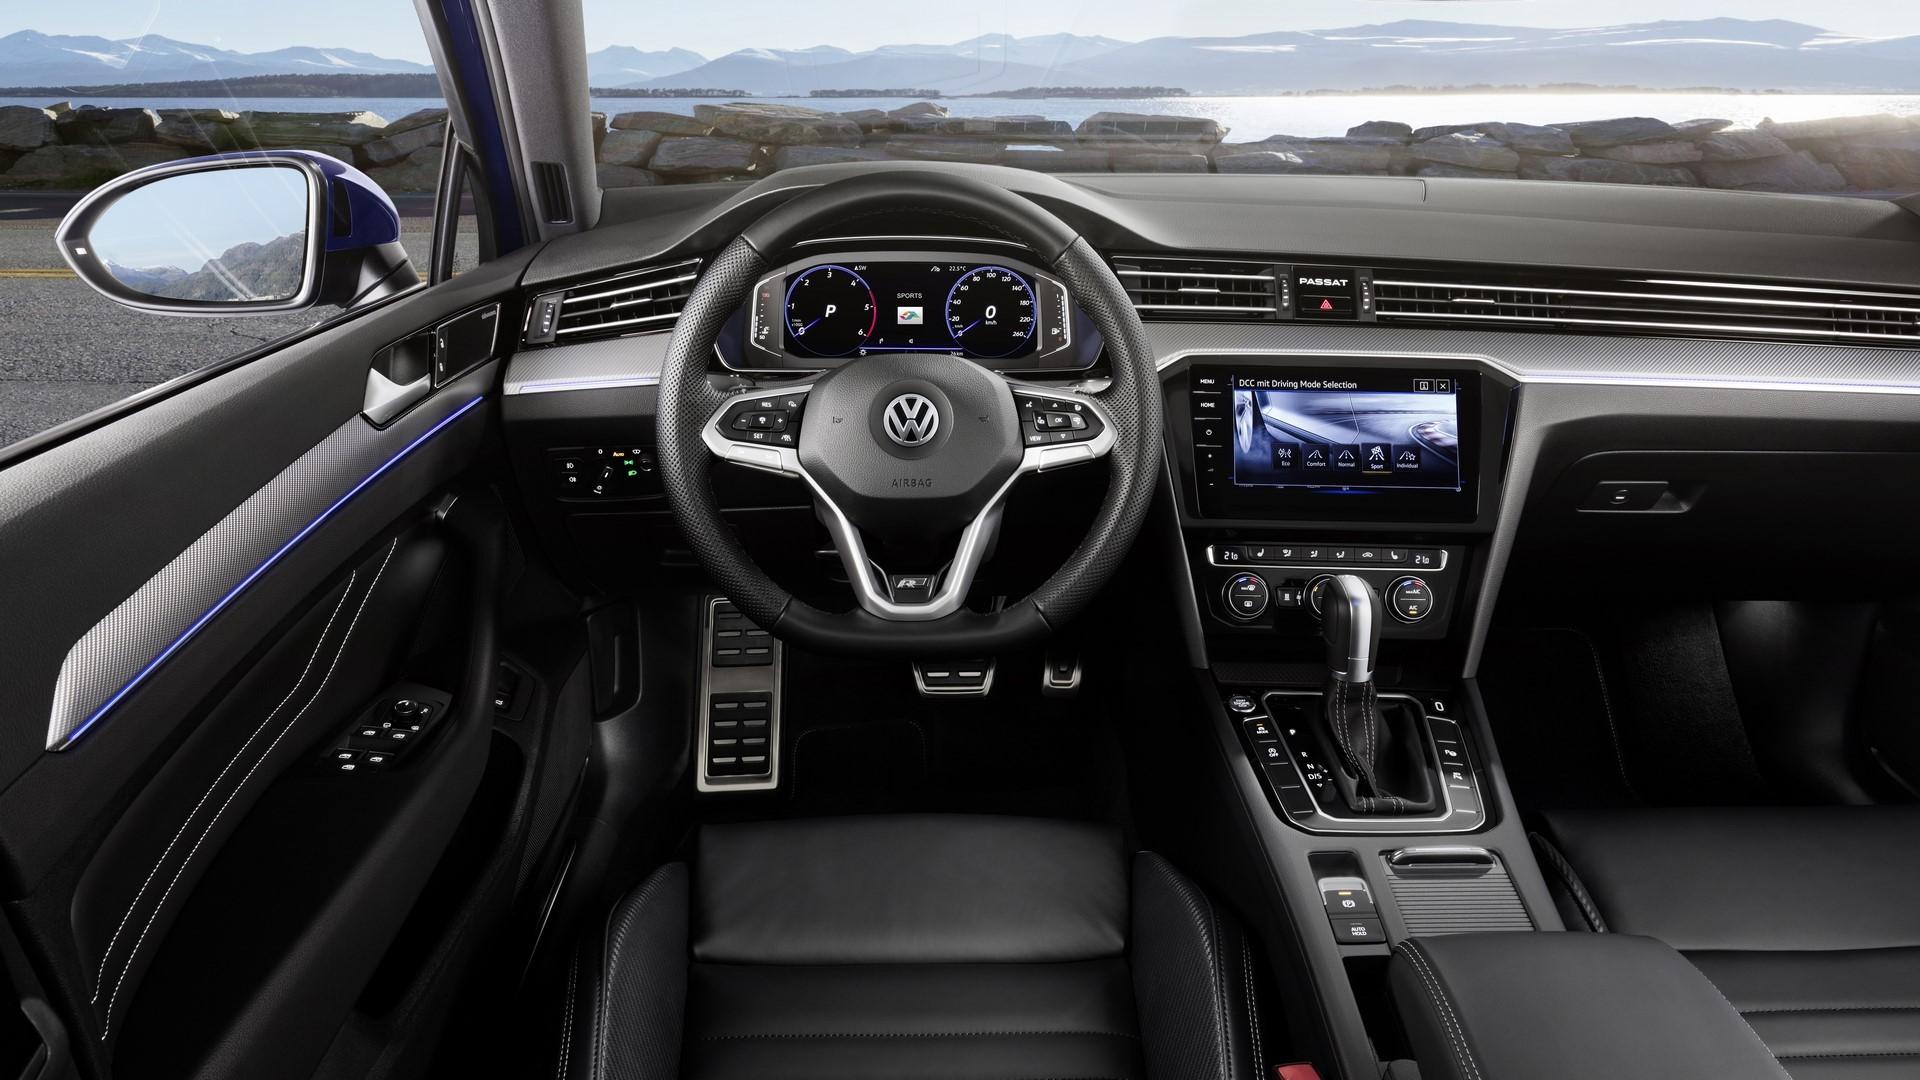 The new Volkswagen Passat R-Line